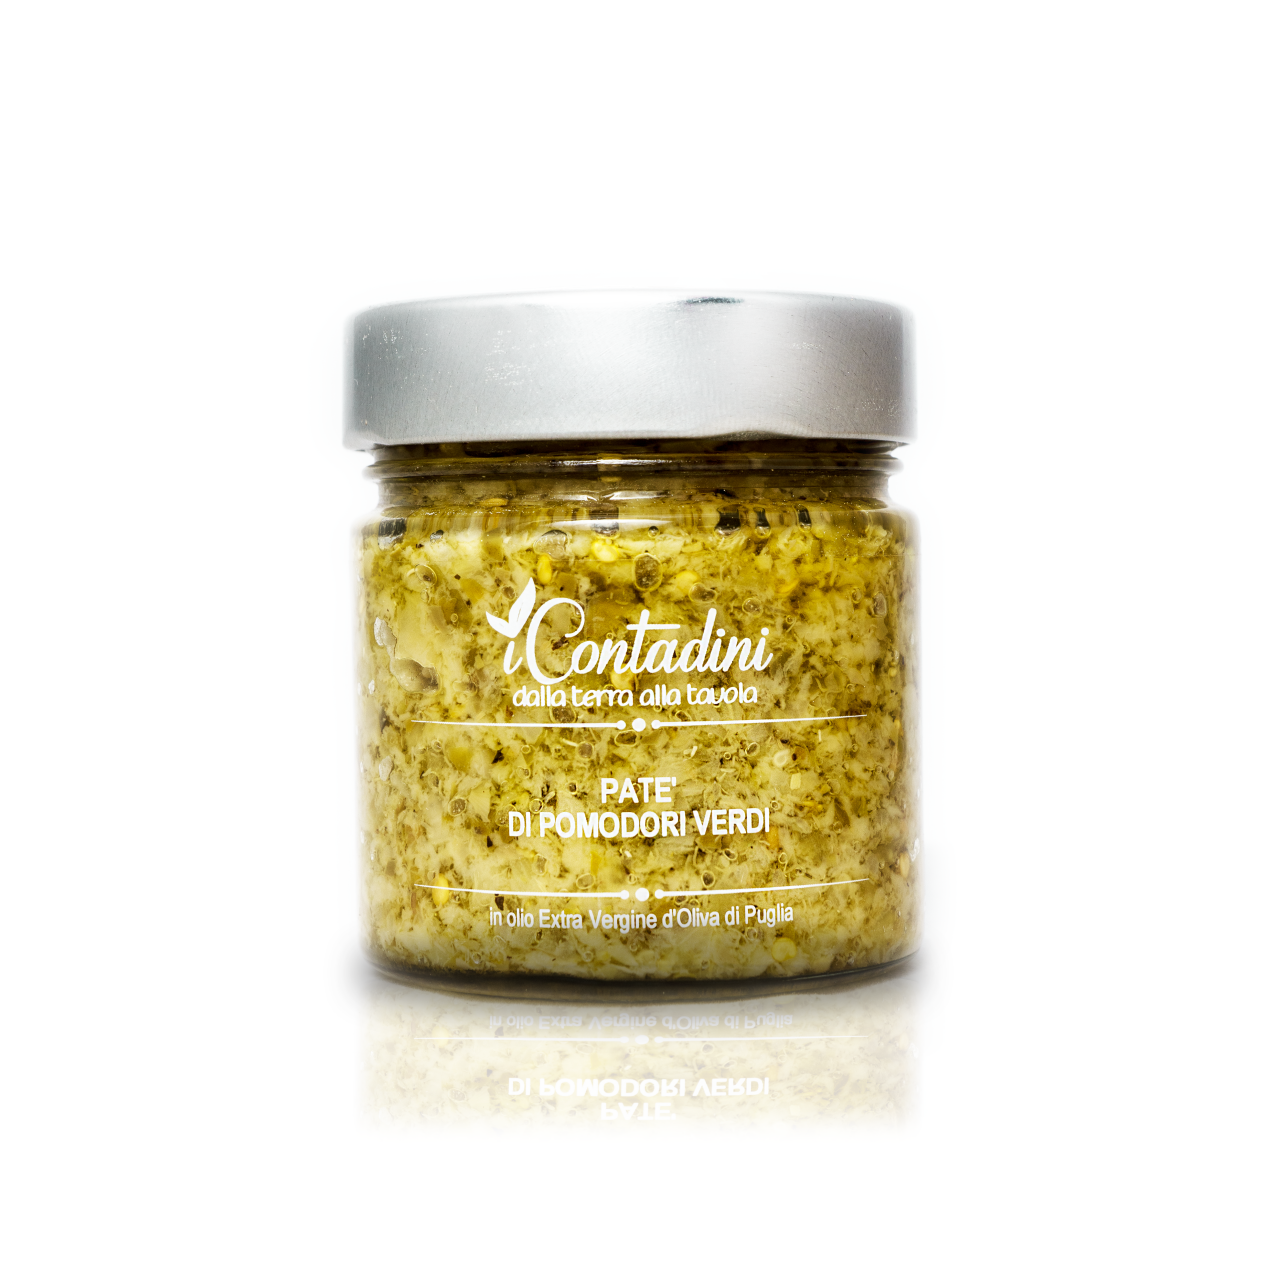 Patè di pomodori verdi - iContadini | Feinkostundwein